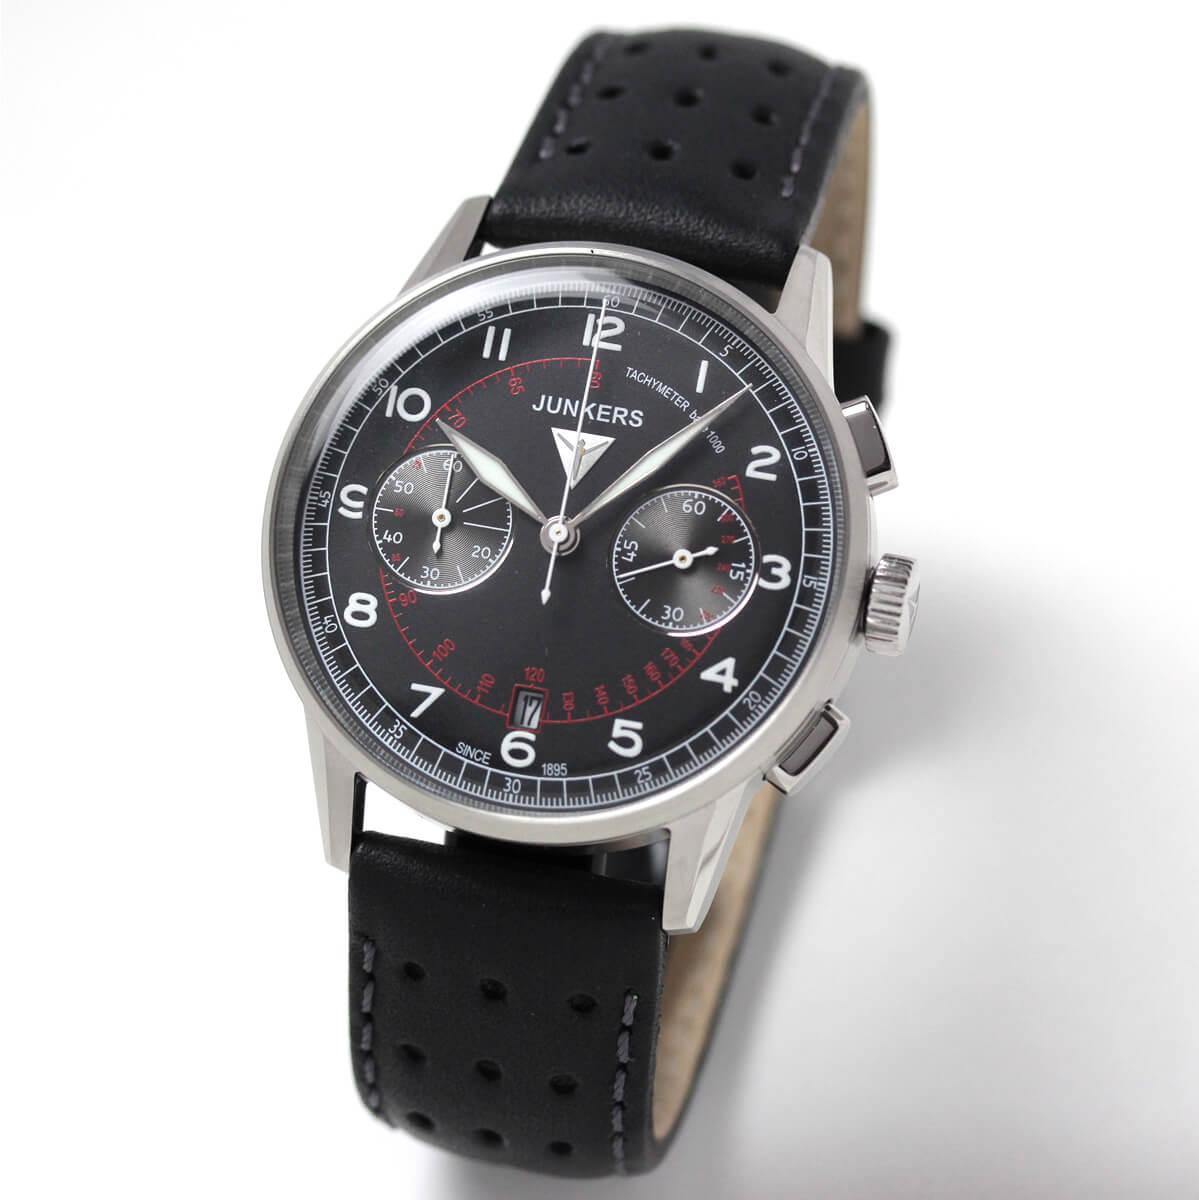 junkers(ユンカース)腕時計 6970-2qz ドイツウォッチ